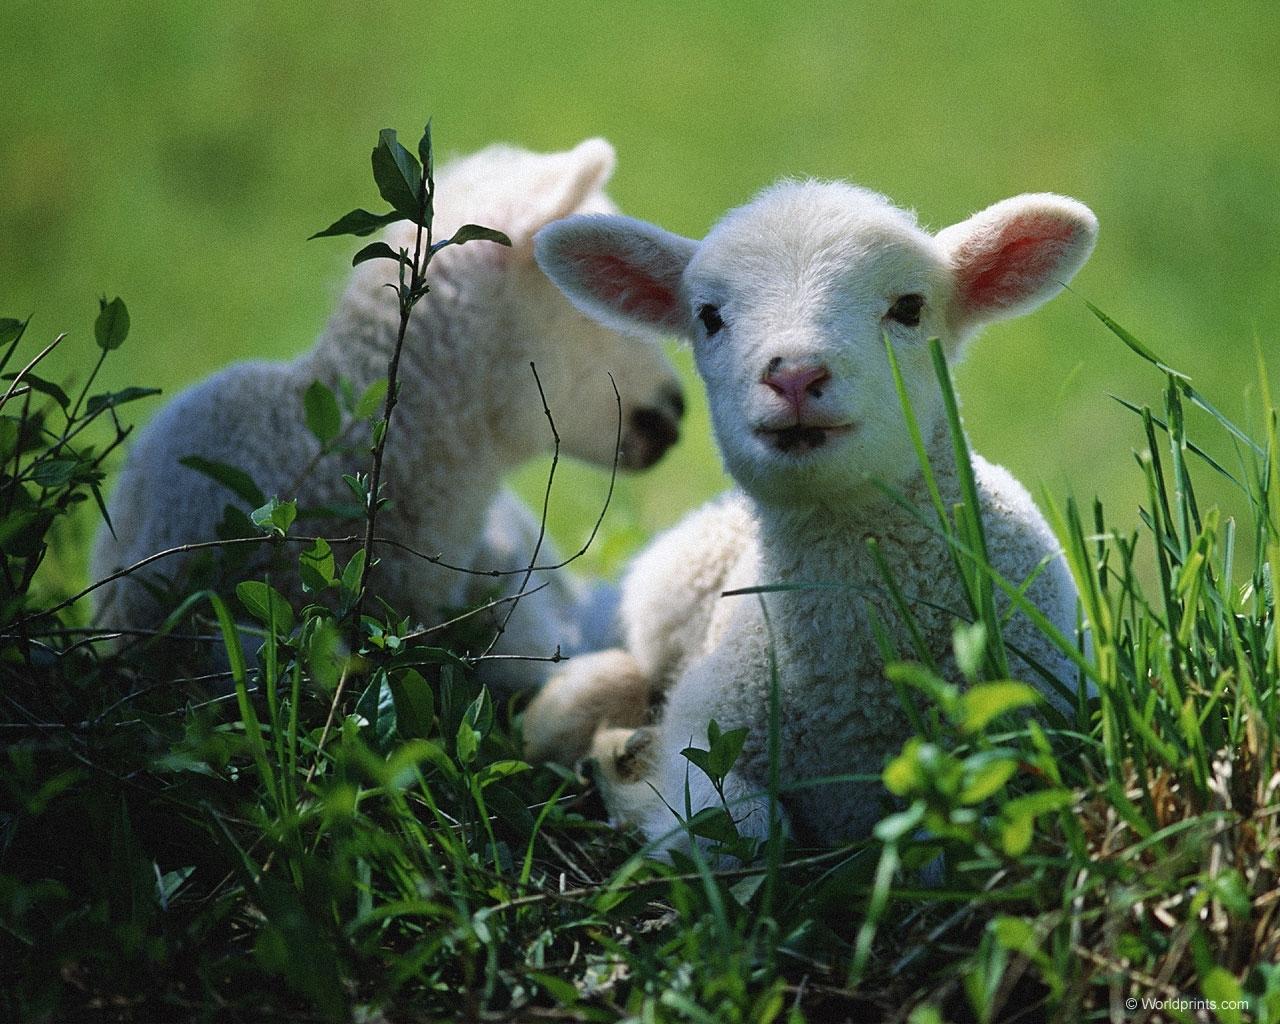 5362 Hintergrundbild herunterladen Tiere, Rams - Bildschirmschoner und Bilder kostenlos